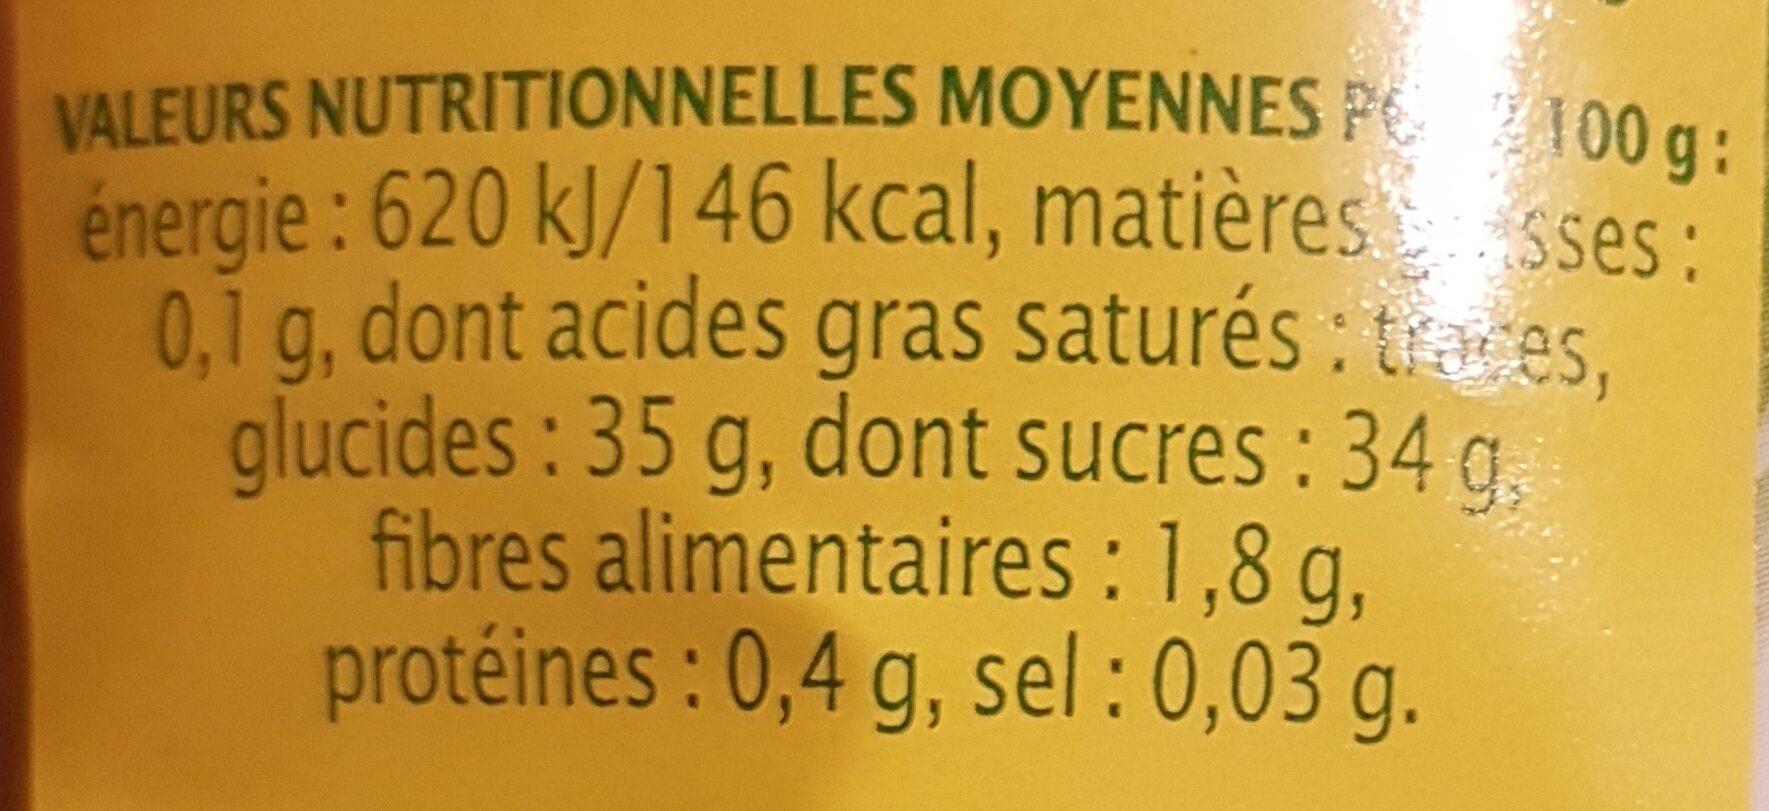 Confiture extra citron d'espagne - Nutrition facts